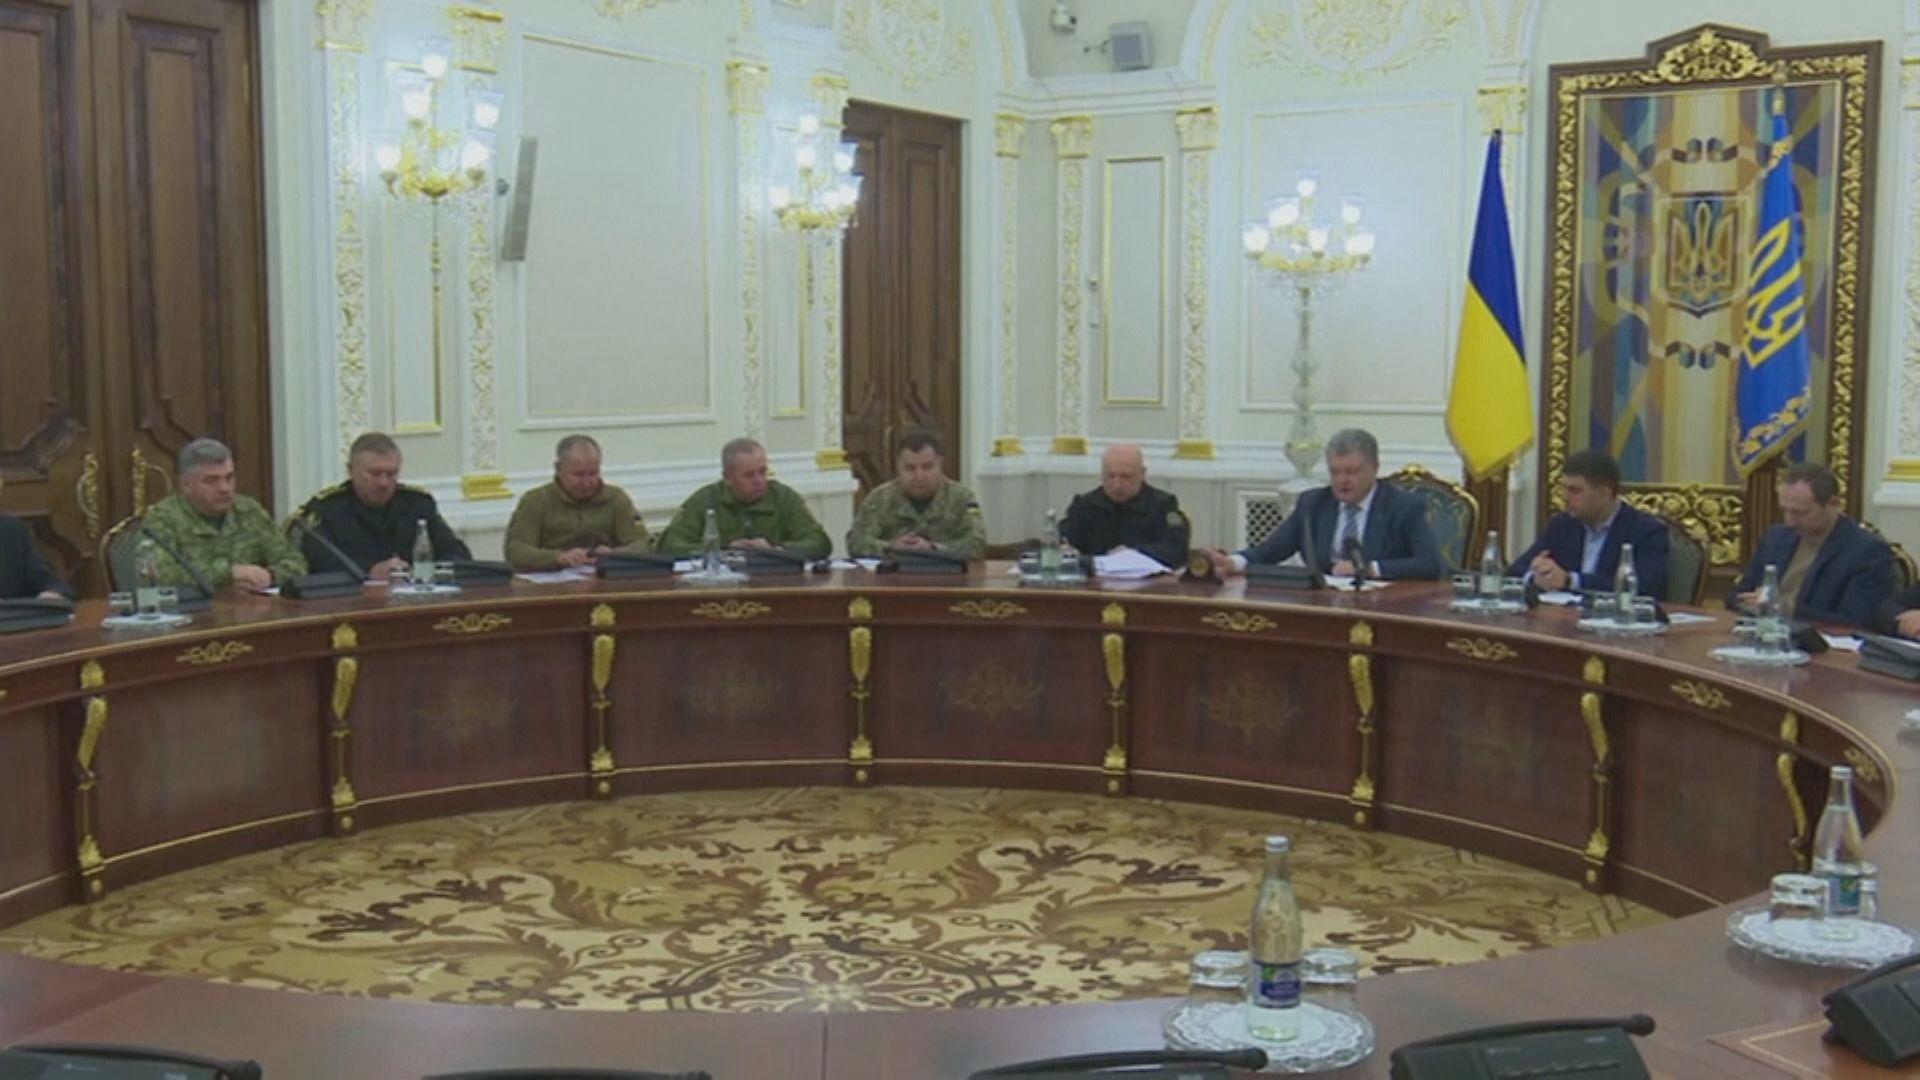 烏克蘭準備實施全國戒嚴